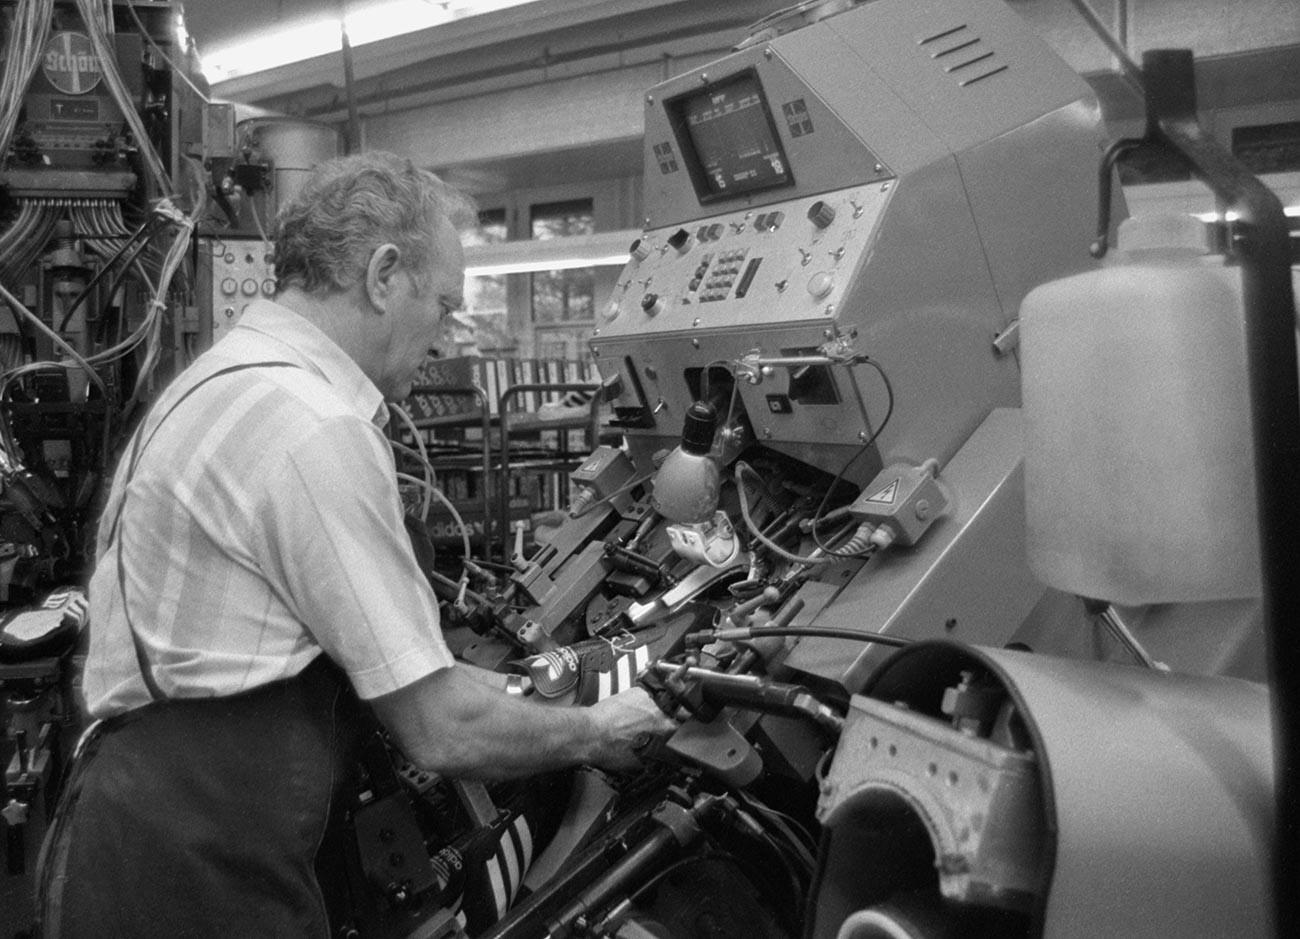 """Радник у производњи популарне спортске обуће у предузећу компаније """"Адидас"""", која је сарађивала са Совјетским Савезом."""